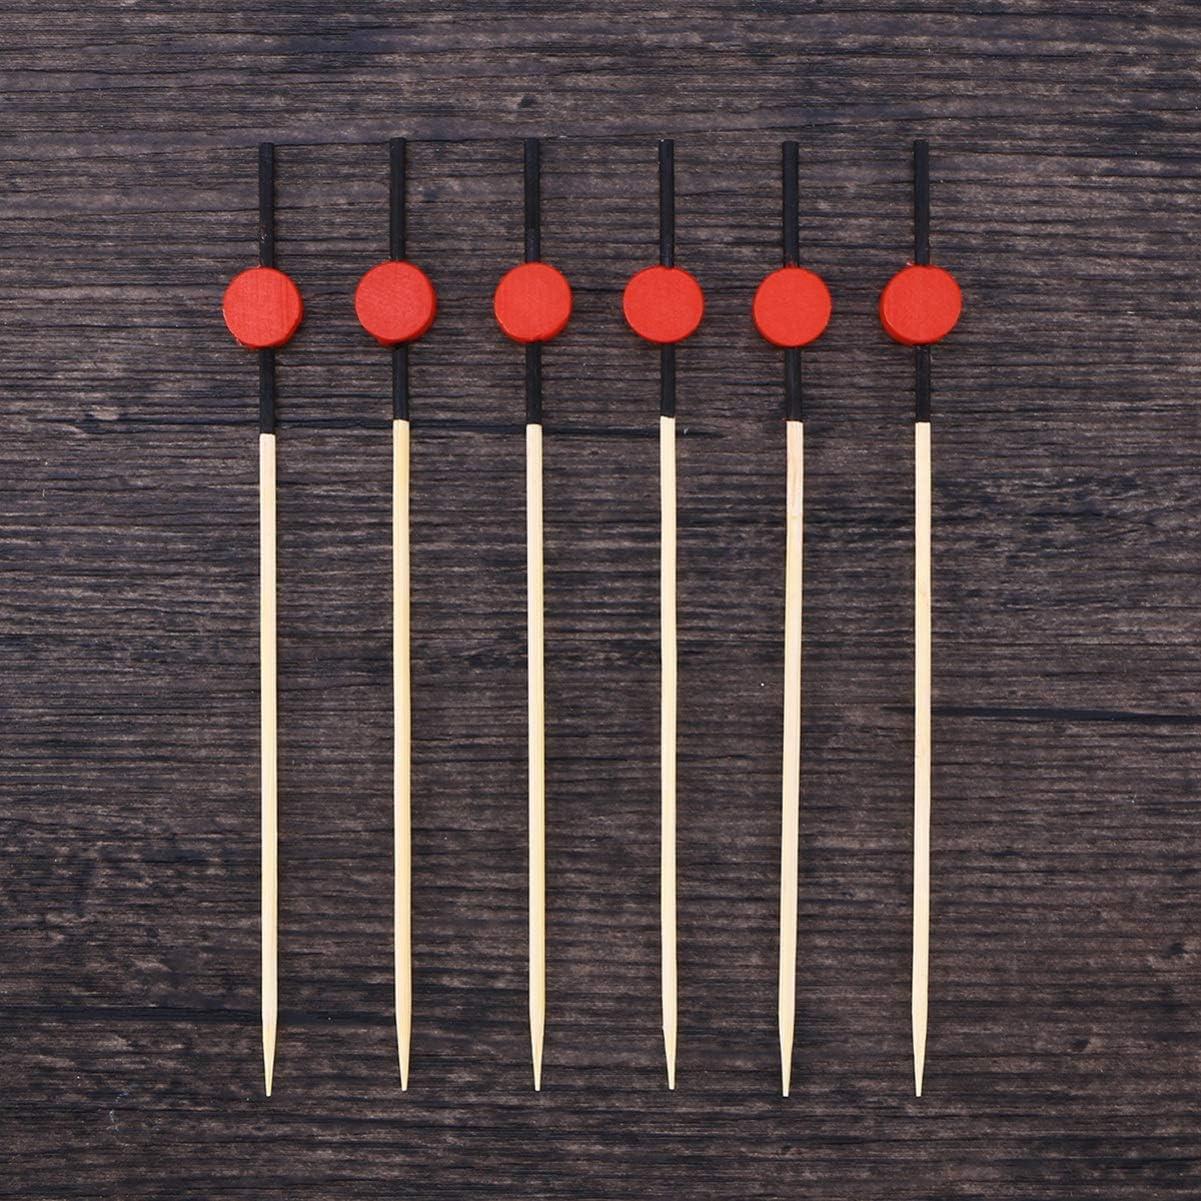 BESTONZON 200pcs Selecciones de c/óctel Granos planos de bamb/ú Granos Aperitivo Selecciones Palillos de dientes decorativos Martini Selecciones de oliva 12 cm